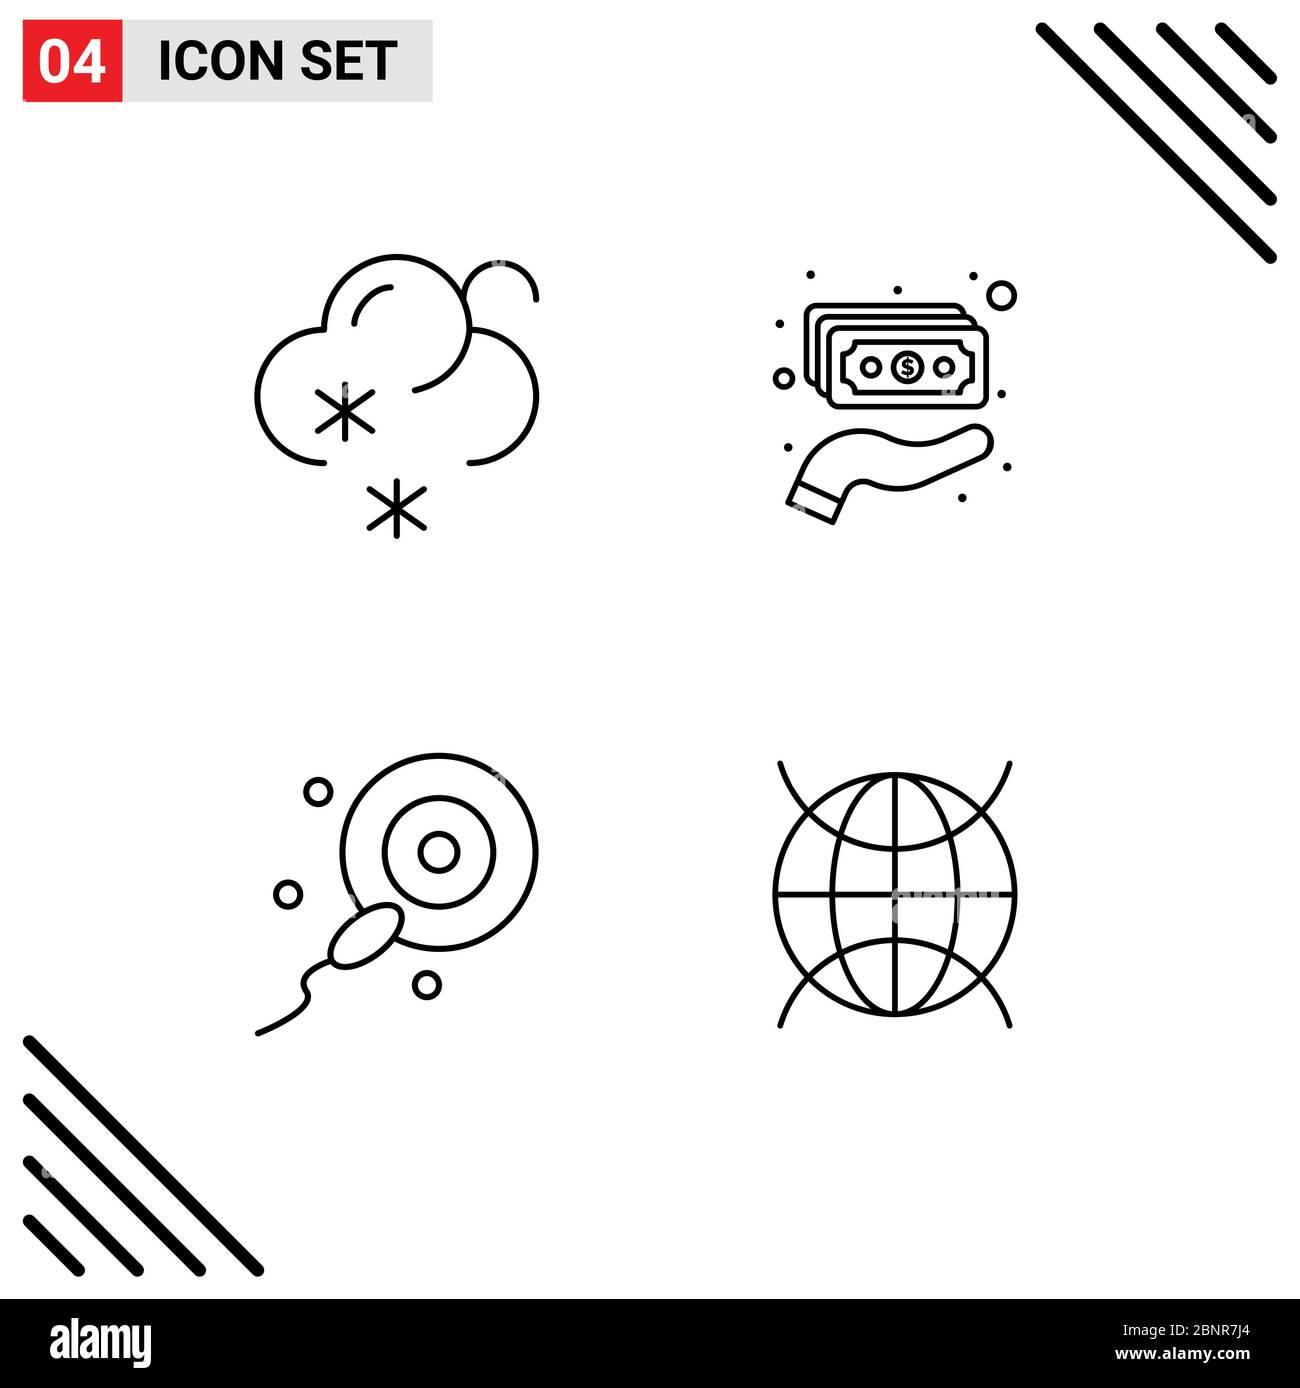 4 concetto di linea per i Web site previsione mobile e delle applicazioni, bio, contanti, soldi, Internet delle cose elementi editabili di disegno vettoriale Illustrazione Vettoriale